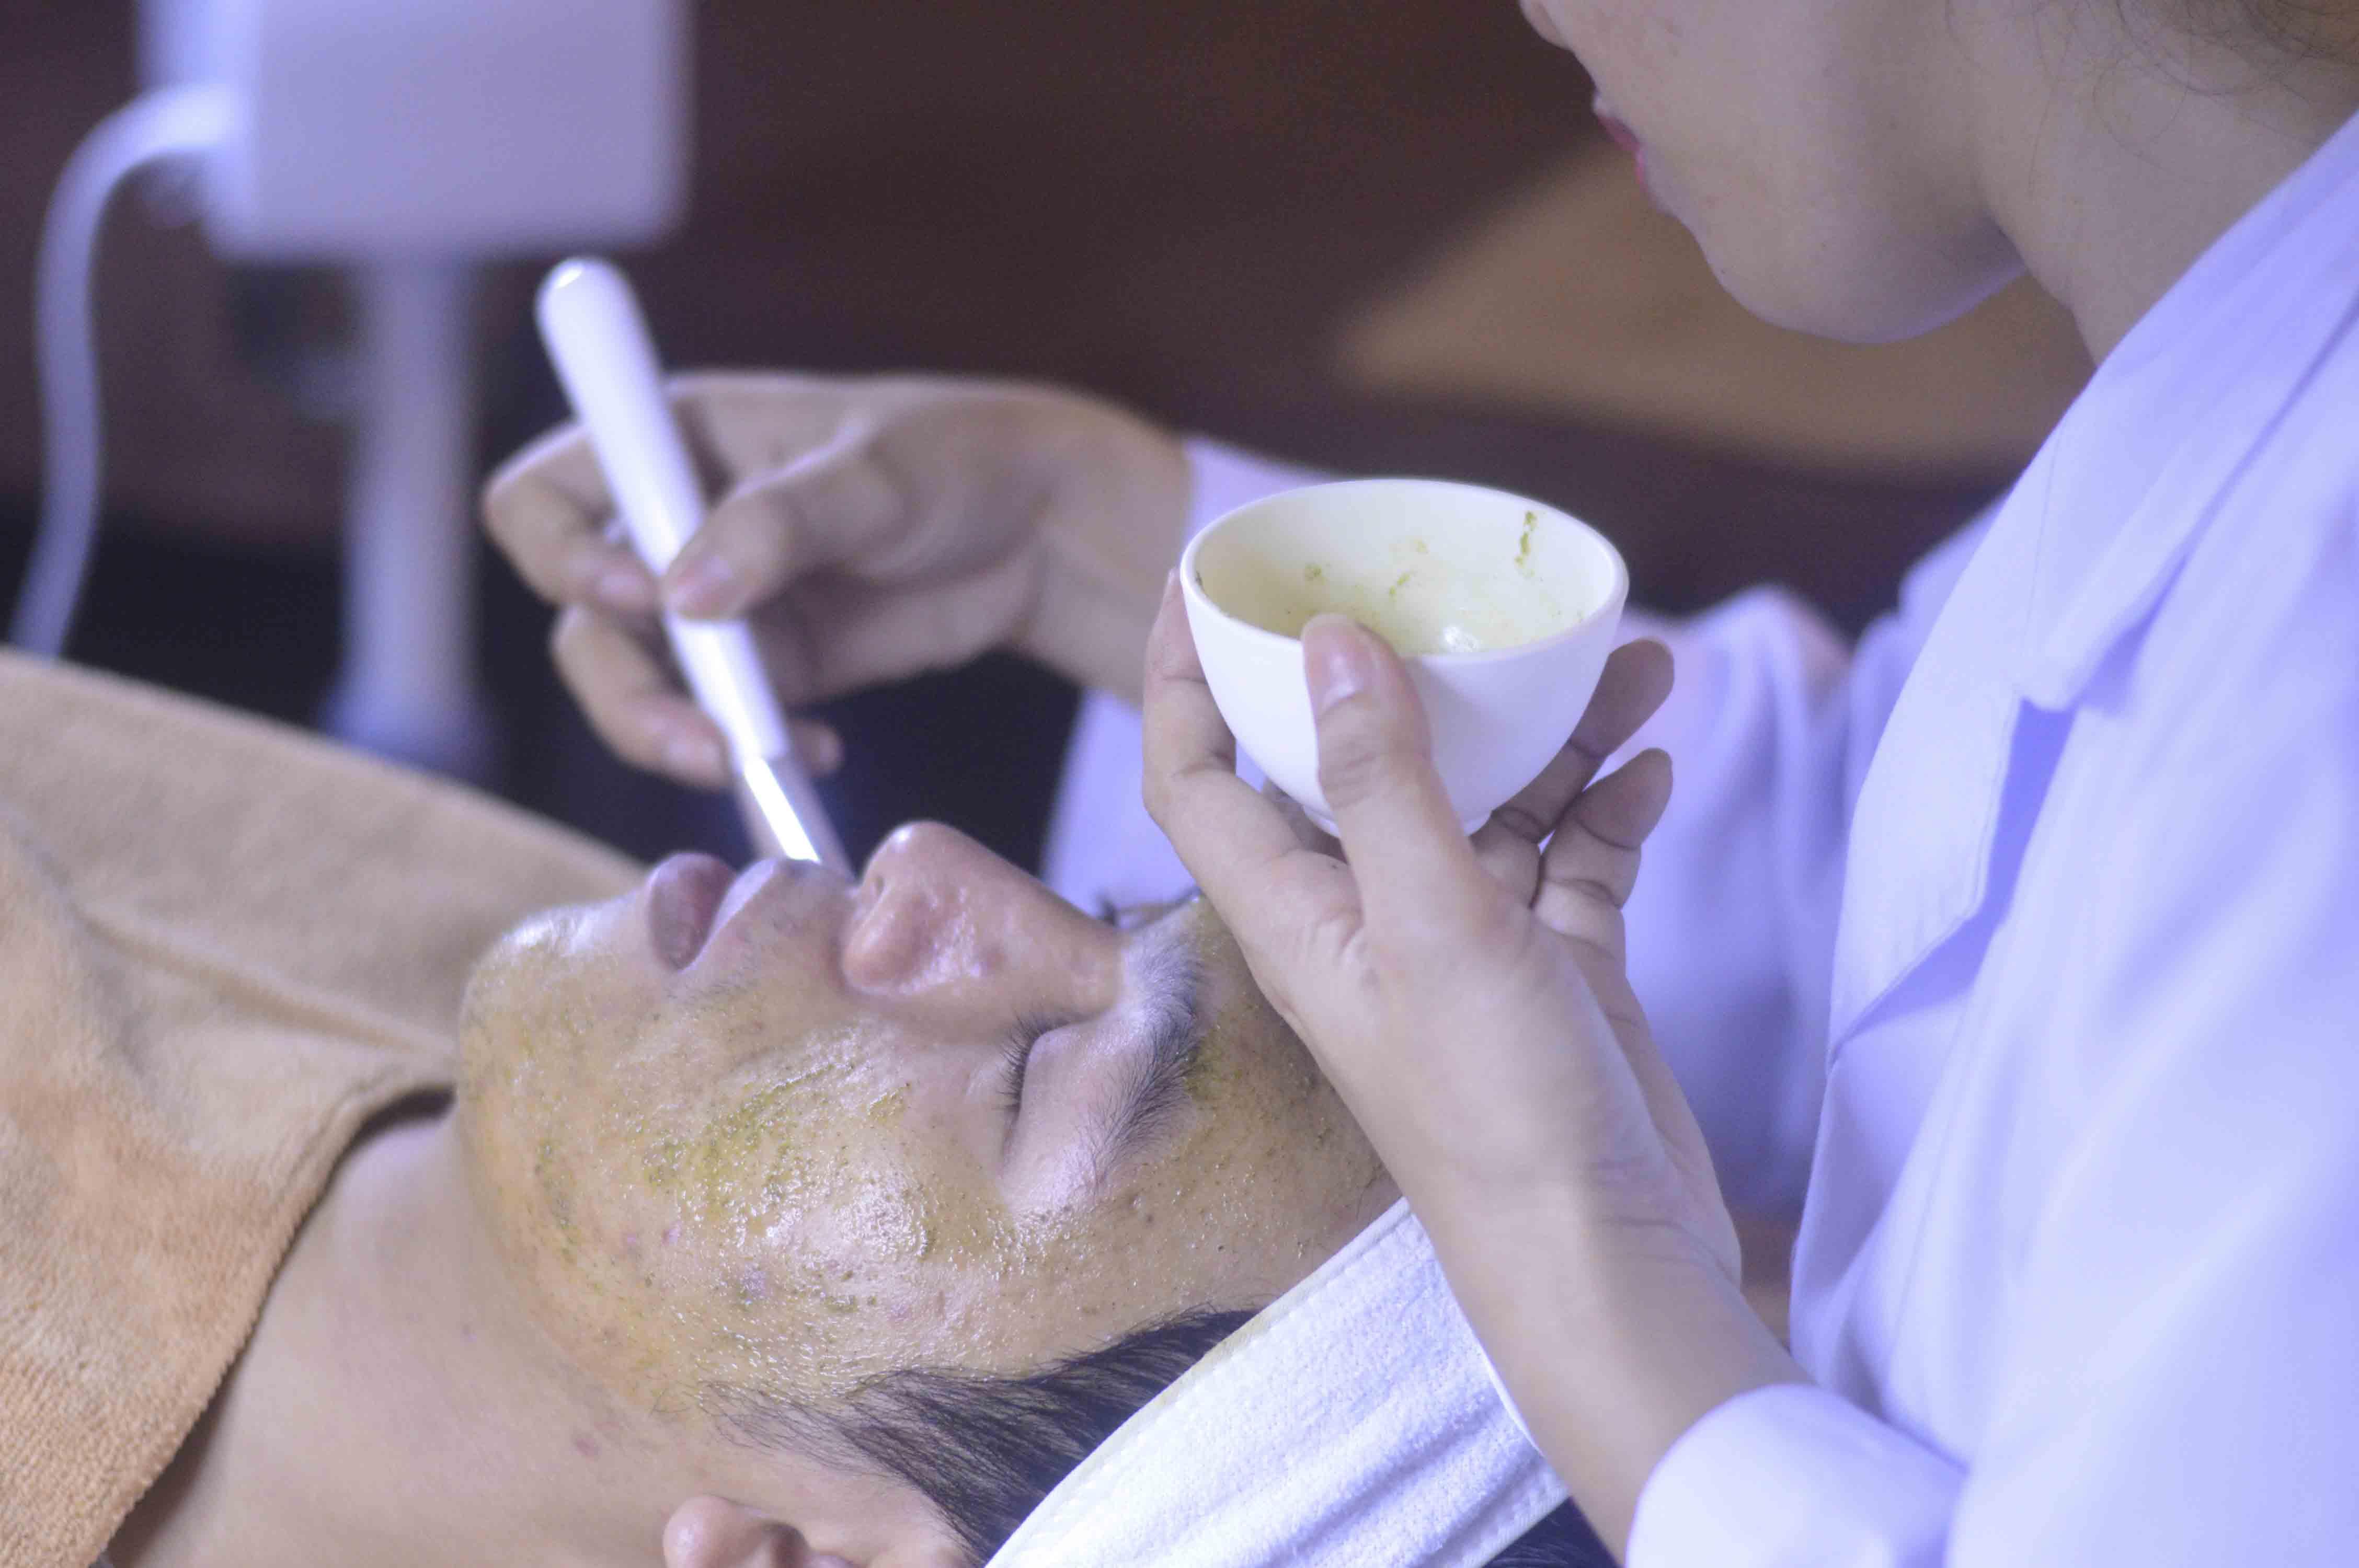 Nhật kí điều trị mụn và sẹo của Hùng